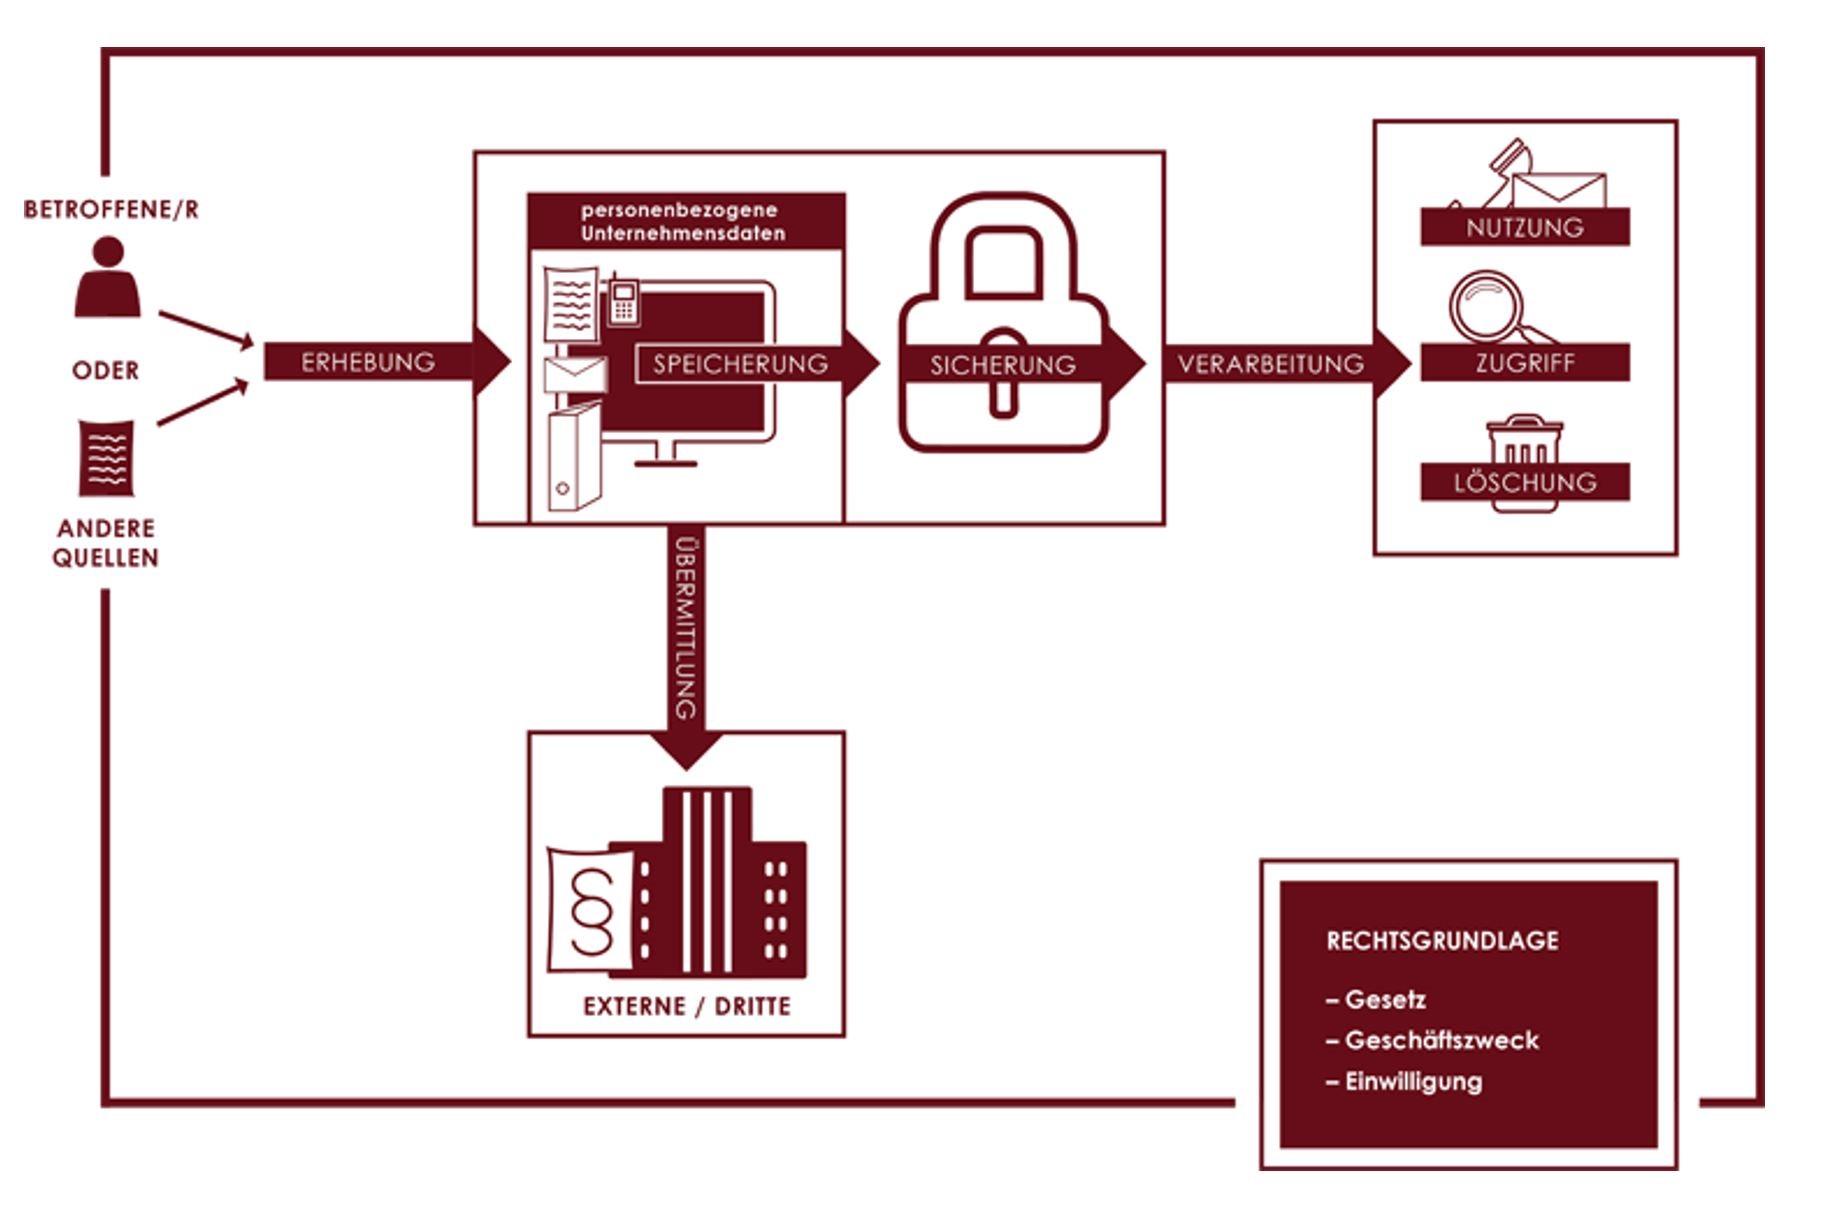 Schutz von personenbezogenen Unternehmensdaten